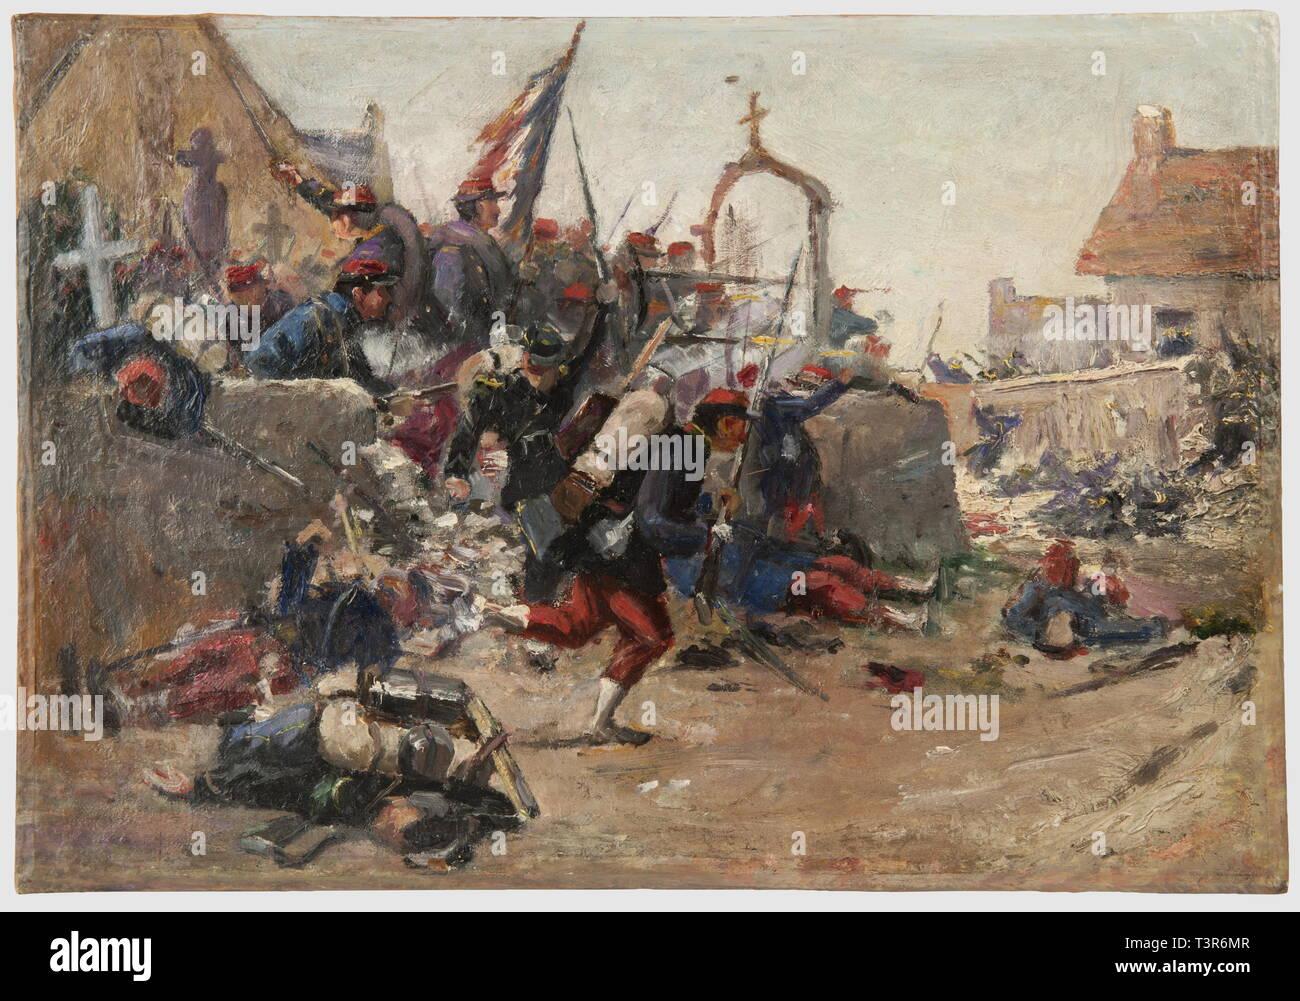 SECONDE REPUBLIQUE ET SECOND EMPIRE 1848-1870, Huile sur toile, représentant un combat de rue, engageant de l'infanterie francaise vers 1870. Les fantassins sortent d'un cimetière (Saint-Privat?) en contre-attaquant l'ennemi posté dans une rue en face, un officier conduit la charge, le porte-drapeau reste au milieu du groupe derrière le muret du cimetière, au premier plan gisent plusieurs hommes blessés ou morts. Hauteur 32 cm, Largeur 46 cm. Ensemble en bon état, présenté sans cadre, Additional-Rights-Clearance-Info-Not-Available - Stock Image